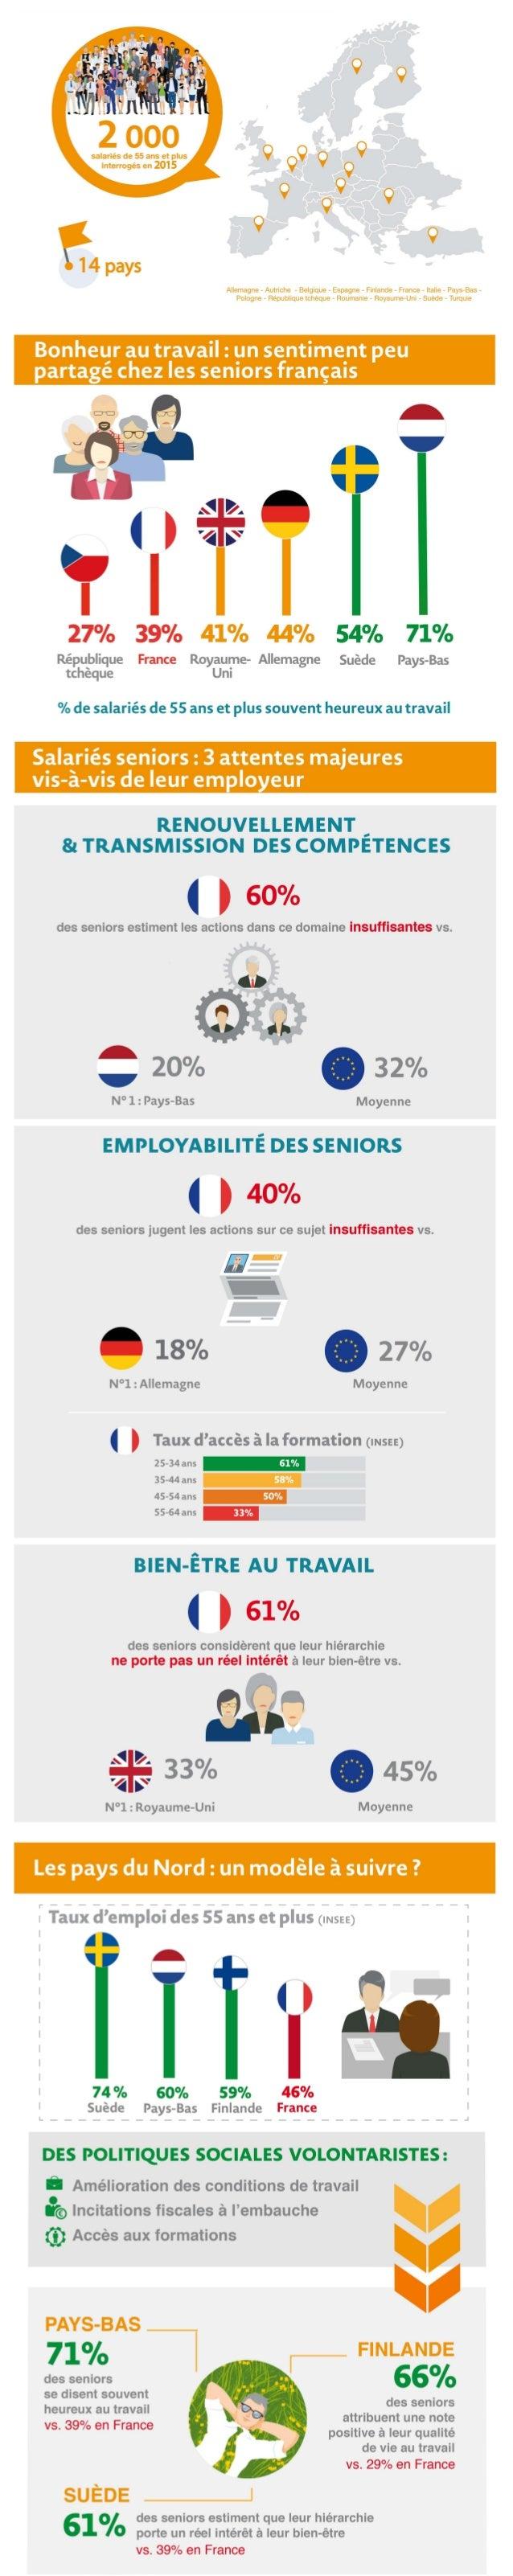 10ème édition du baromètre Edenred-Ipsos sur le bien-être et la motivation des salariés européens